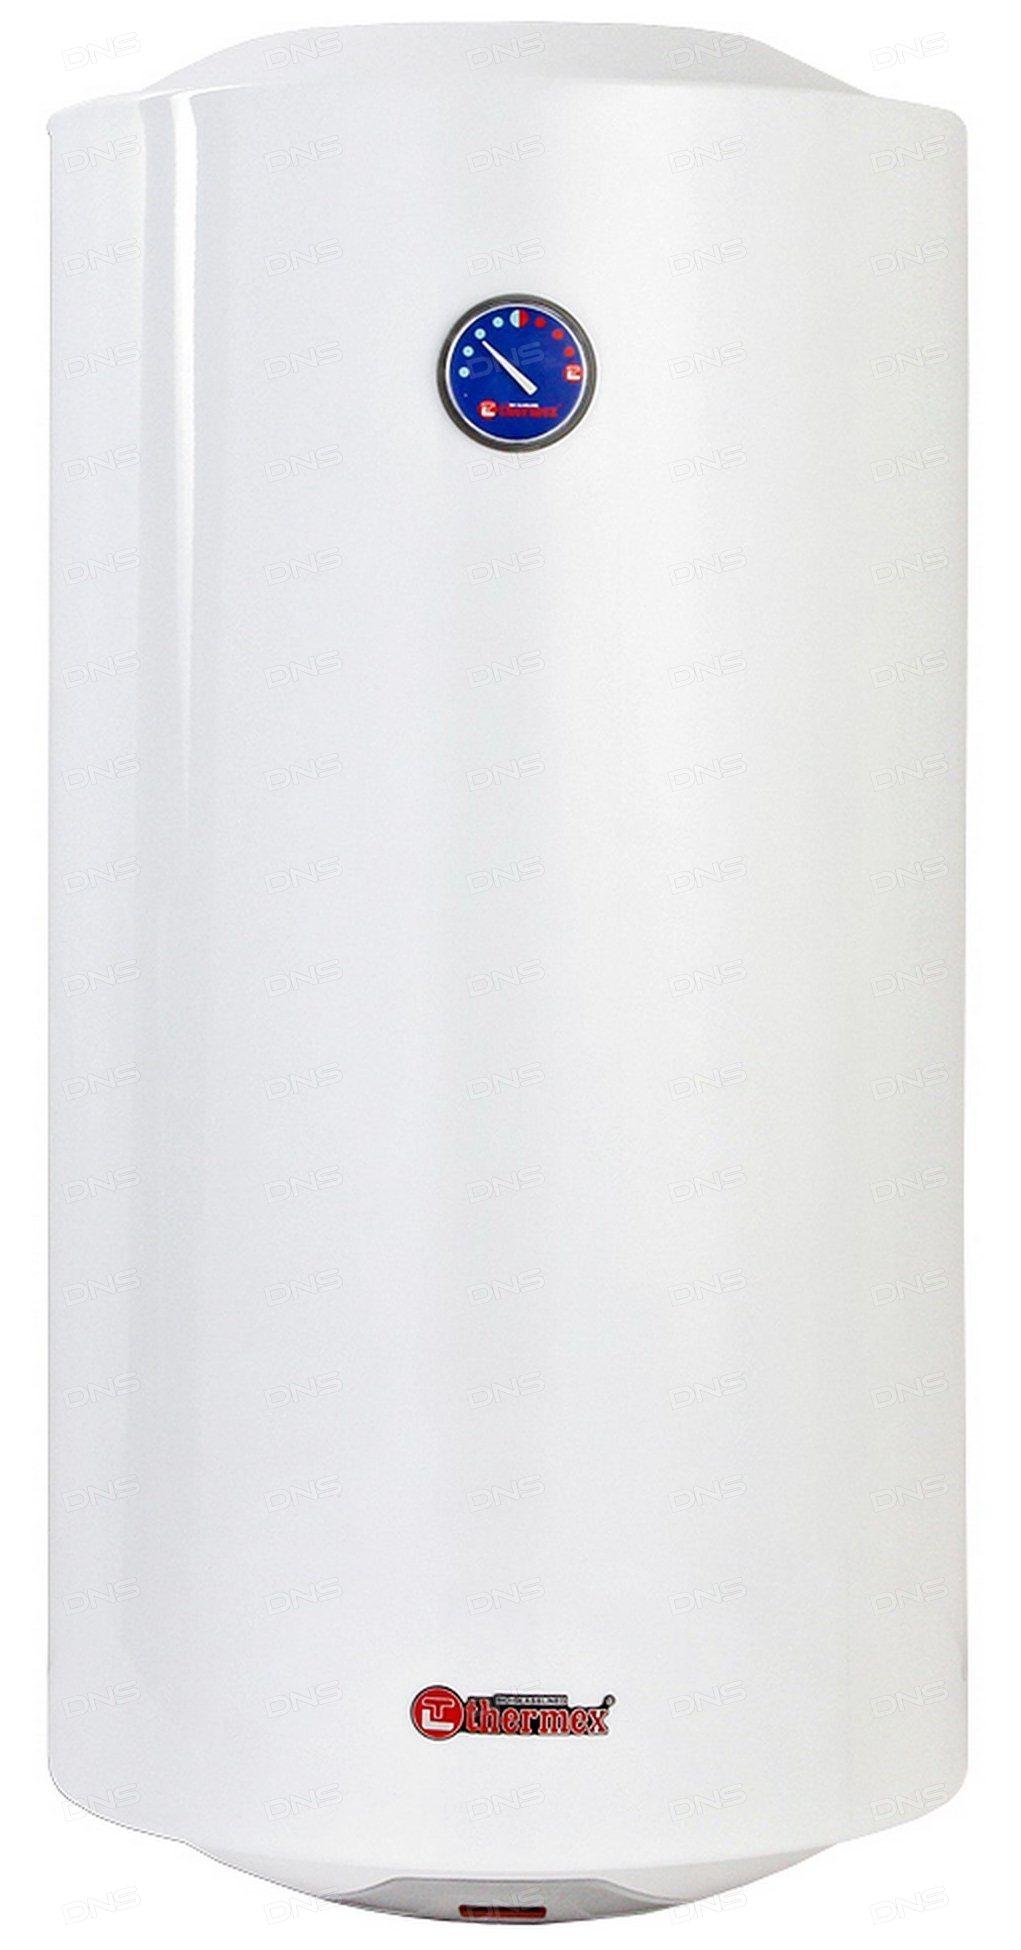 Накопительный водонагреватель thermex: электрические бойлеры из нержавейки объемом 10, 15 и 100 литров